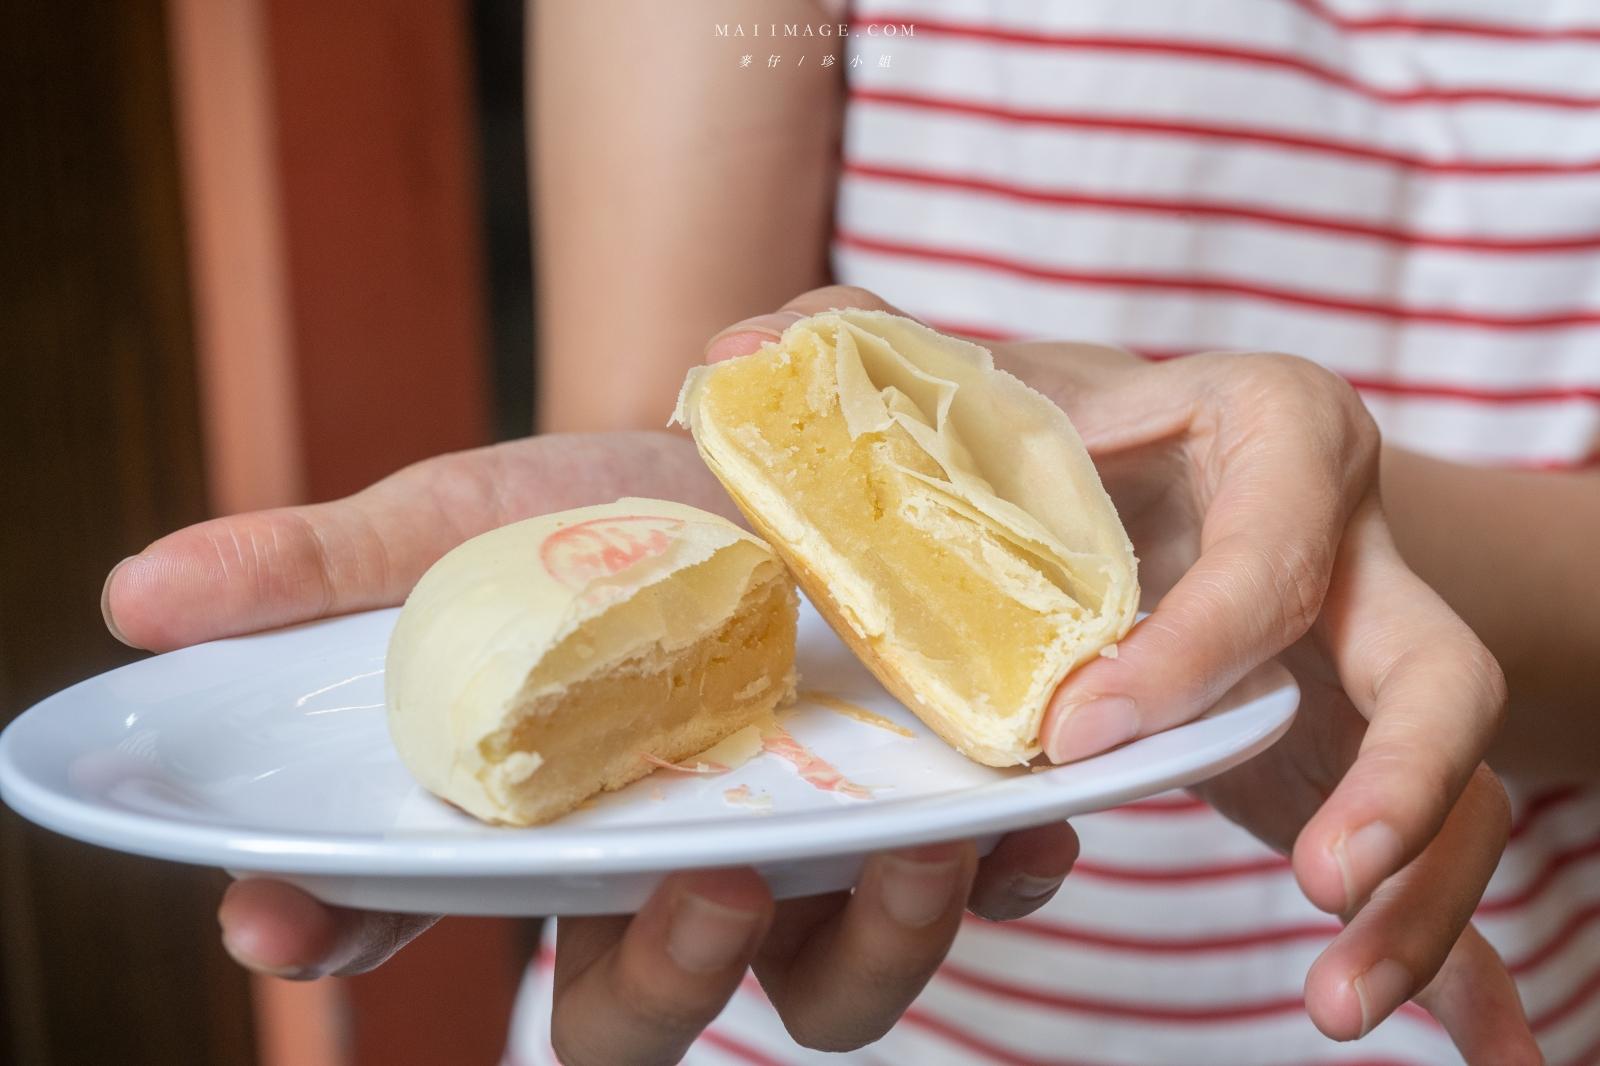 新竹東門商圈散策|彭成珍餅舖,90年老字號的傳統餅舖,新竹十大伴手禮~必點竹塹餅、新竹椪餅、柴酥餅